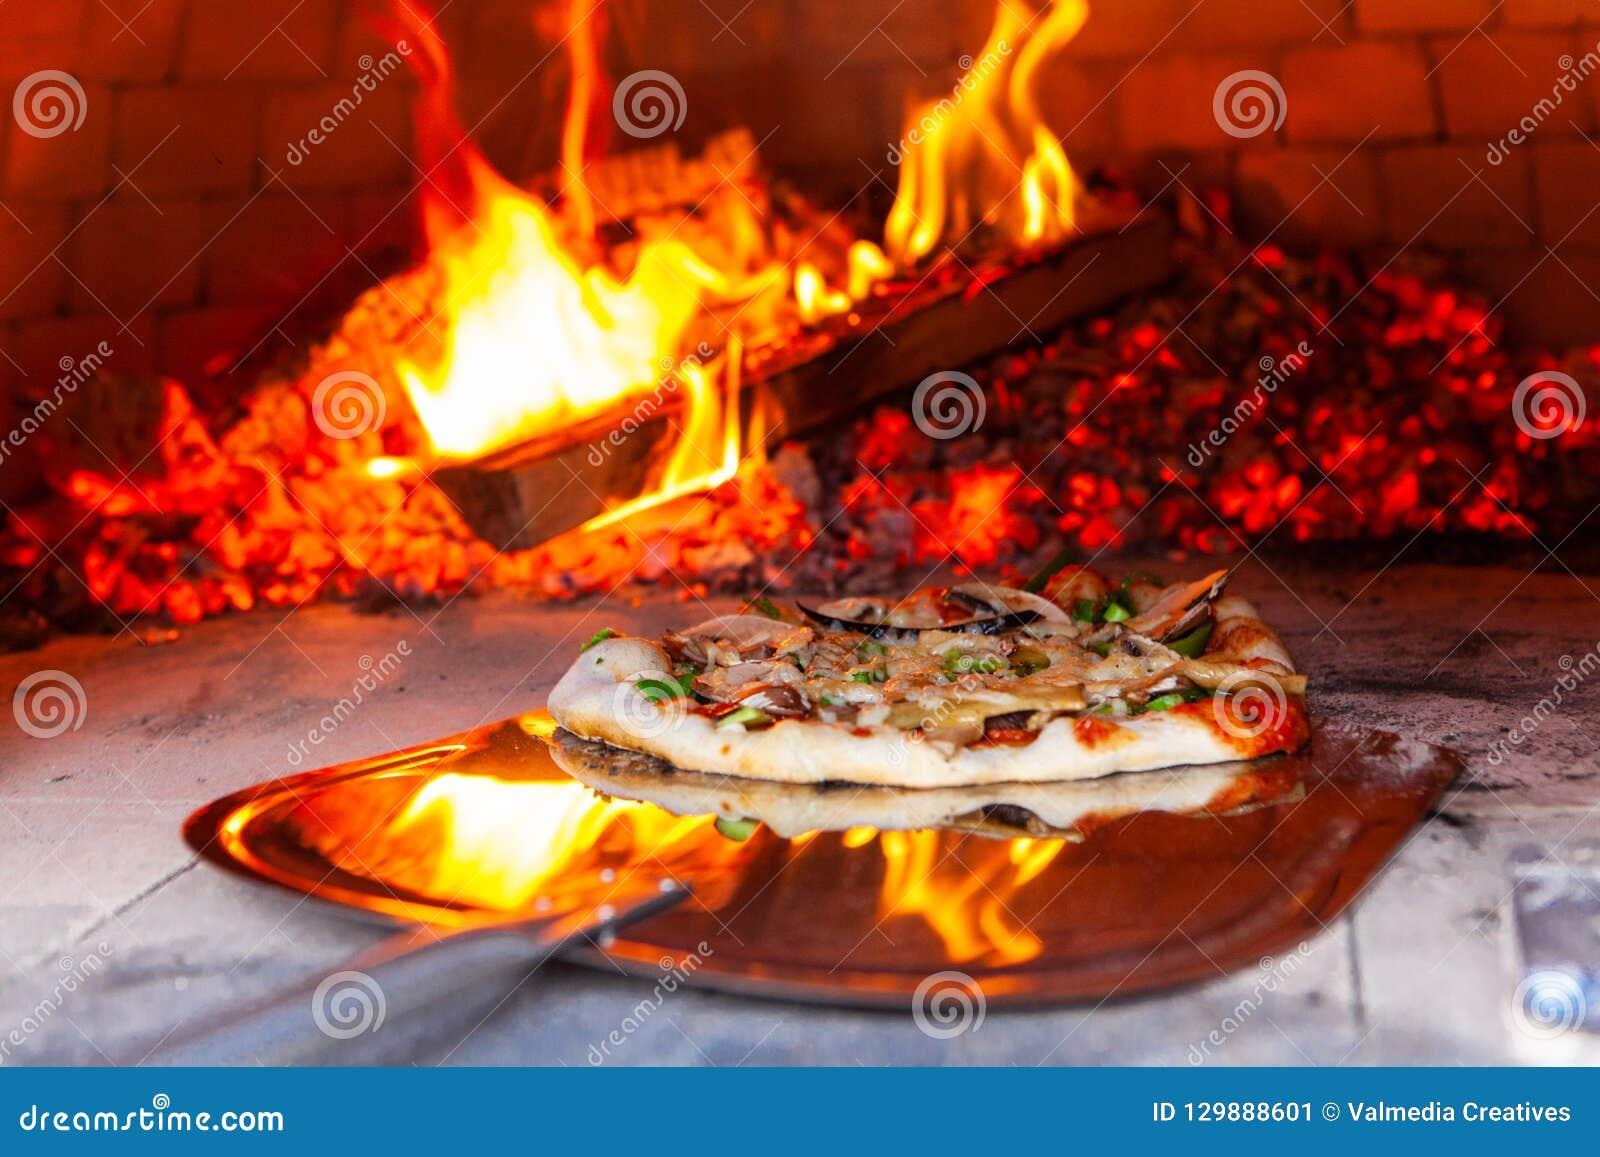 Το άτομο τοποθετεί μια πρόσφατα έτοιμη πίτσα σε έναν υπαίθριο φούρνο ψωμιού -